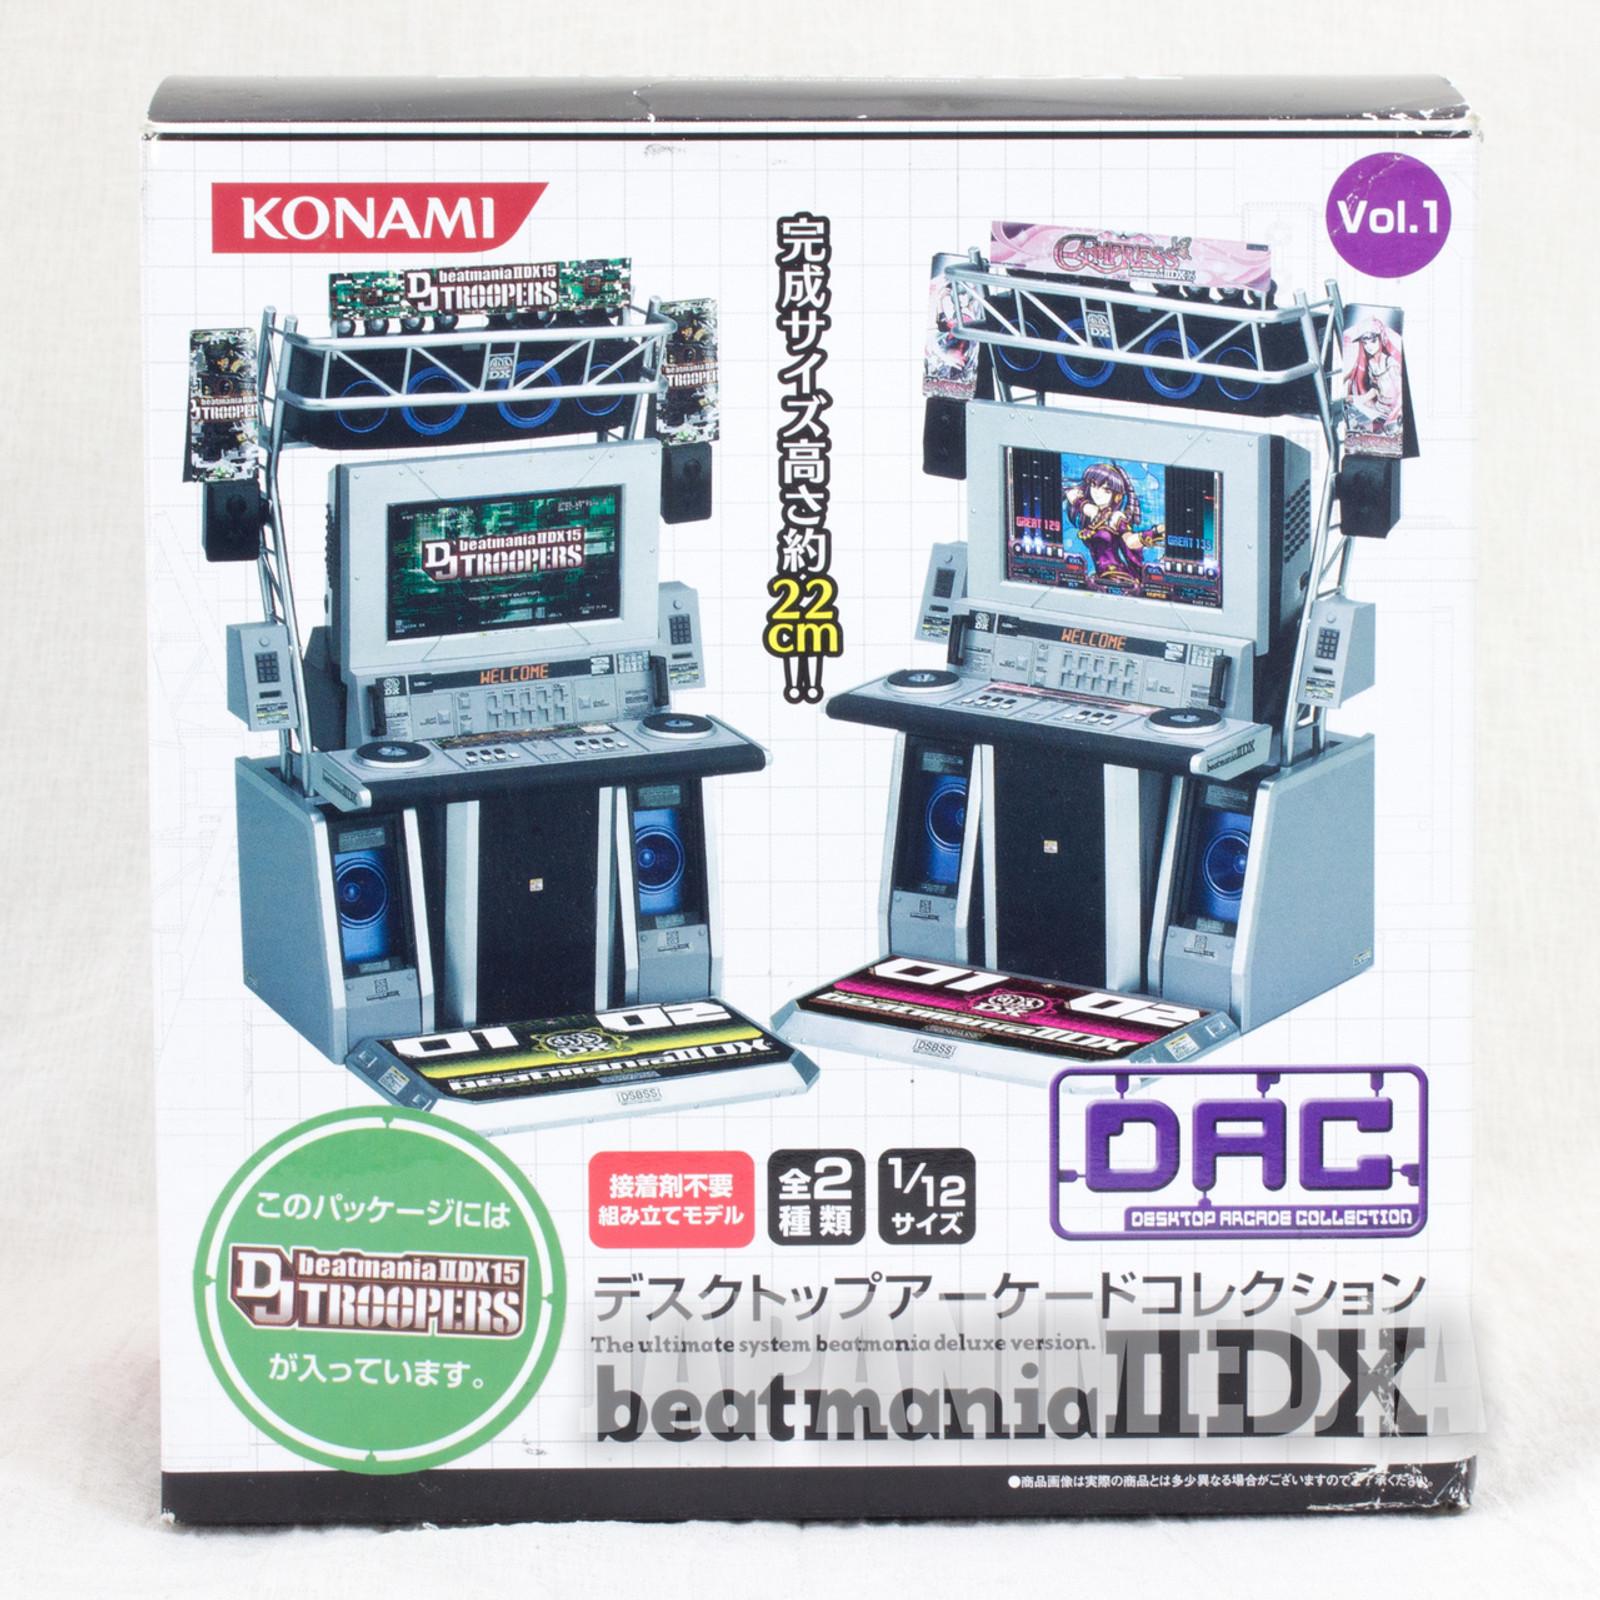 RARE!! Desktop Arcade Collection Beatmania IIDX Vol.1 1/12 Miniature Figure Konami